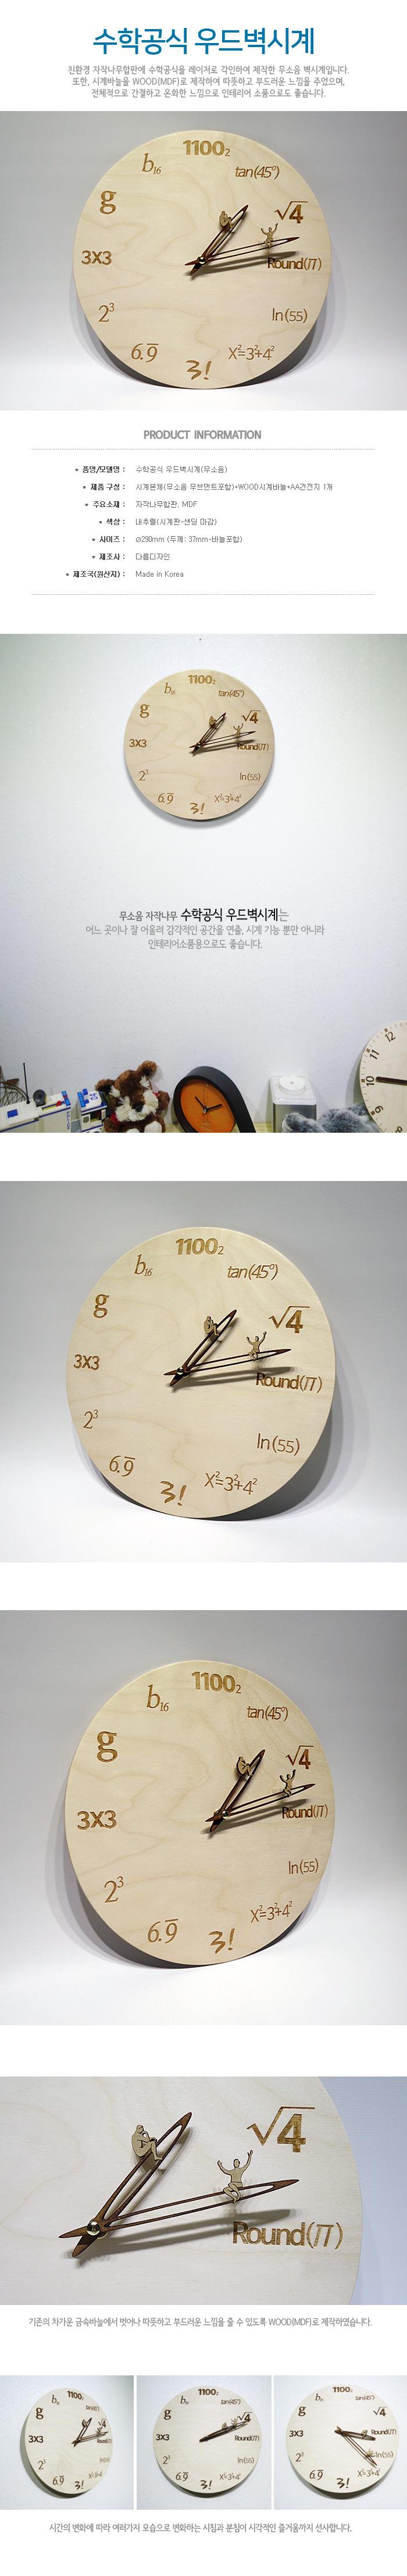 수학공식 우드벽시계(무소음) - 다름디자인, 19,200원, 벽시계, 우드벽시계